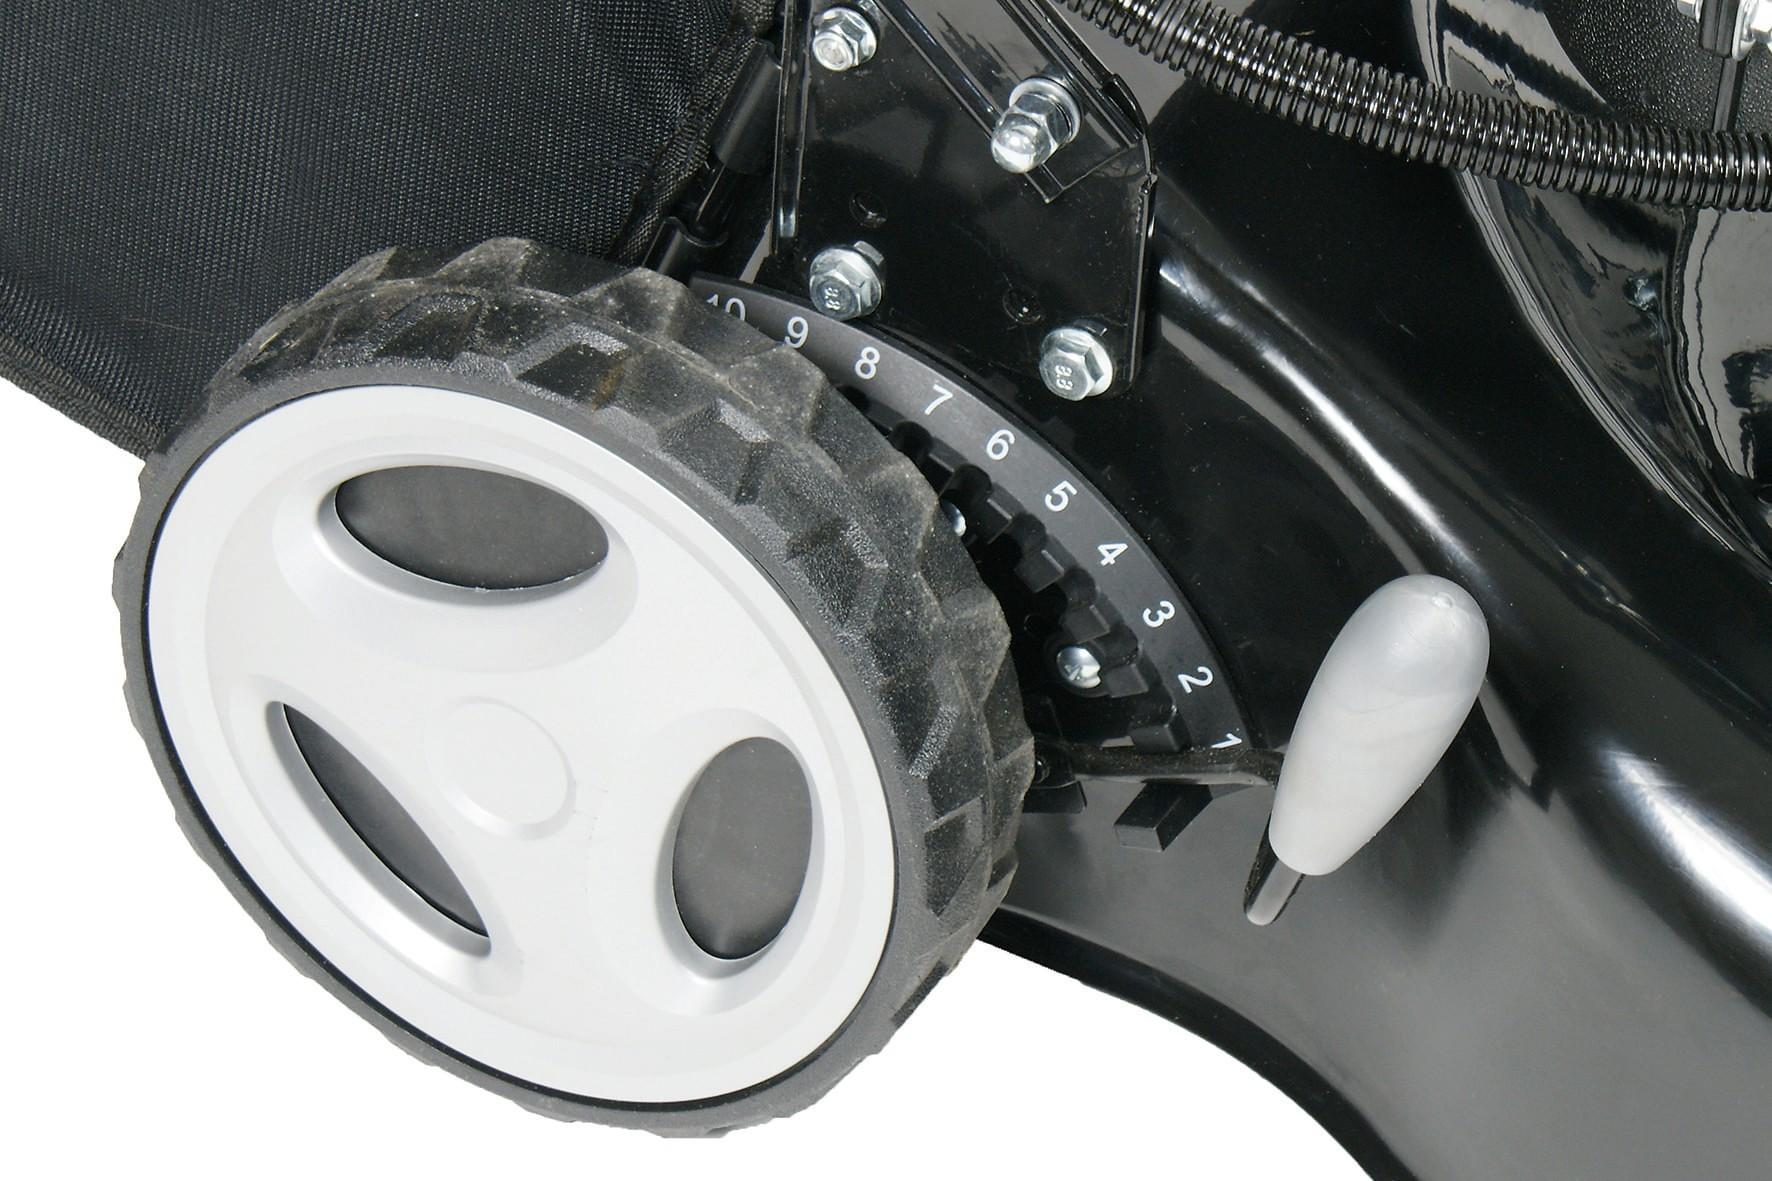 Benzin-Rasenmäher Grizzly BRM 4613-20 A E-Start 1,9kW SB 46cm Bild 5